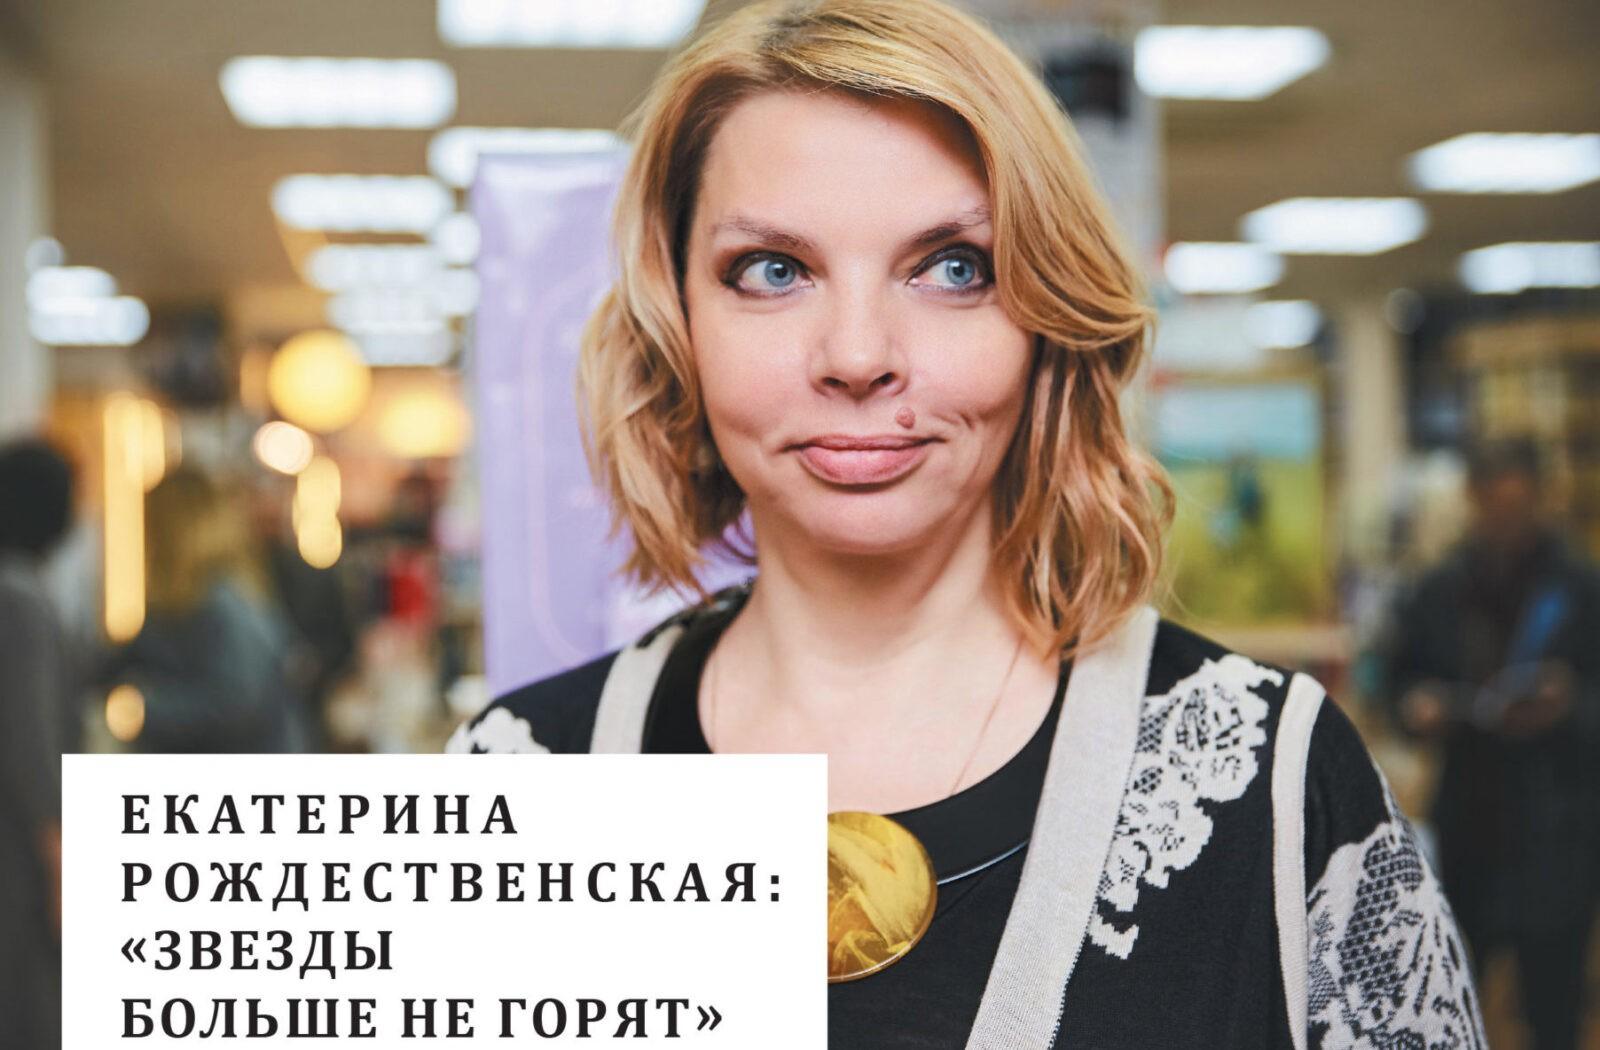 """Знаменитая писательница и фотограф Екатерина Рождественская дала """"Тверьлайф"""" эксклюзивное интервью"""